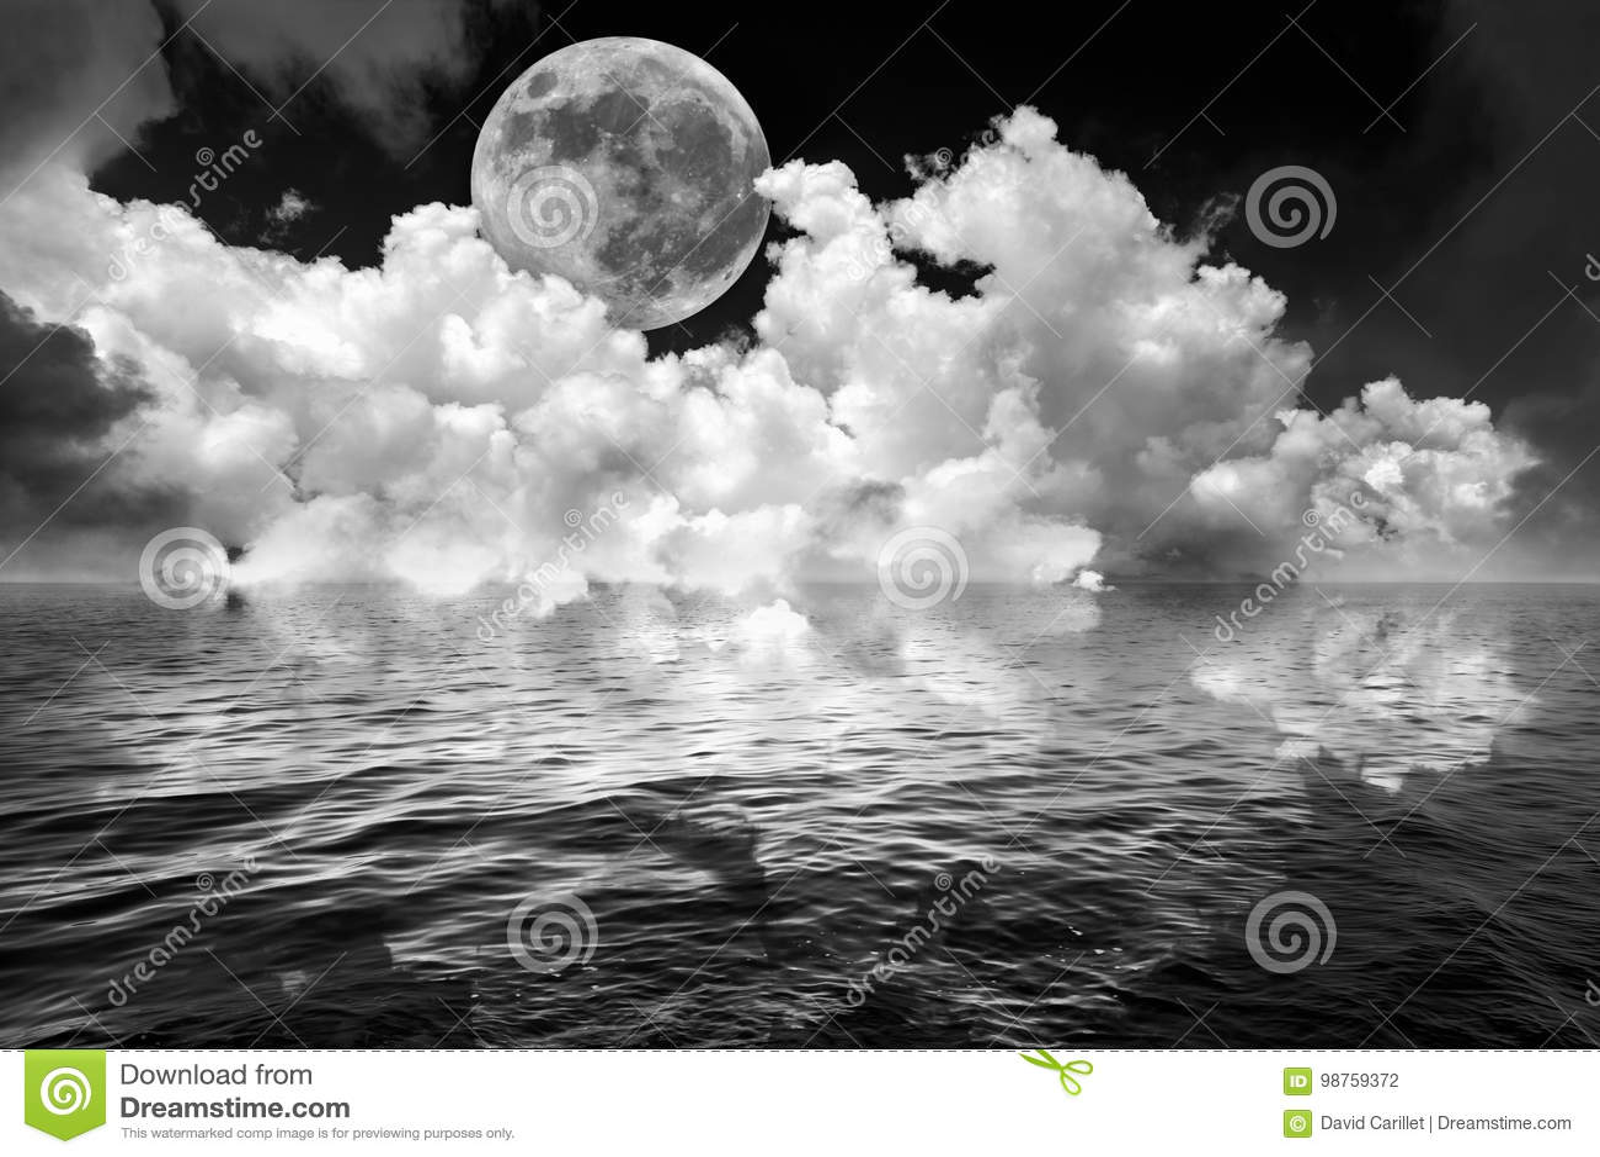 Księżyc w pełni i chmury w ciemnym fantazi nocnym niebie odbijaliśmy w falistej ocean wodzie